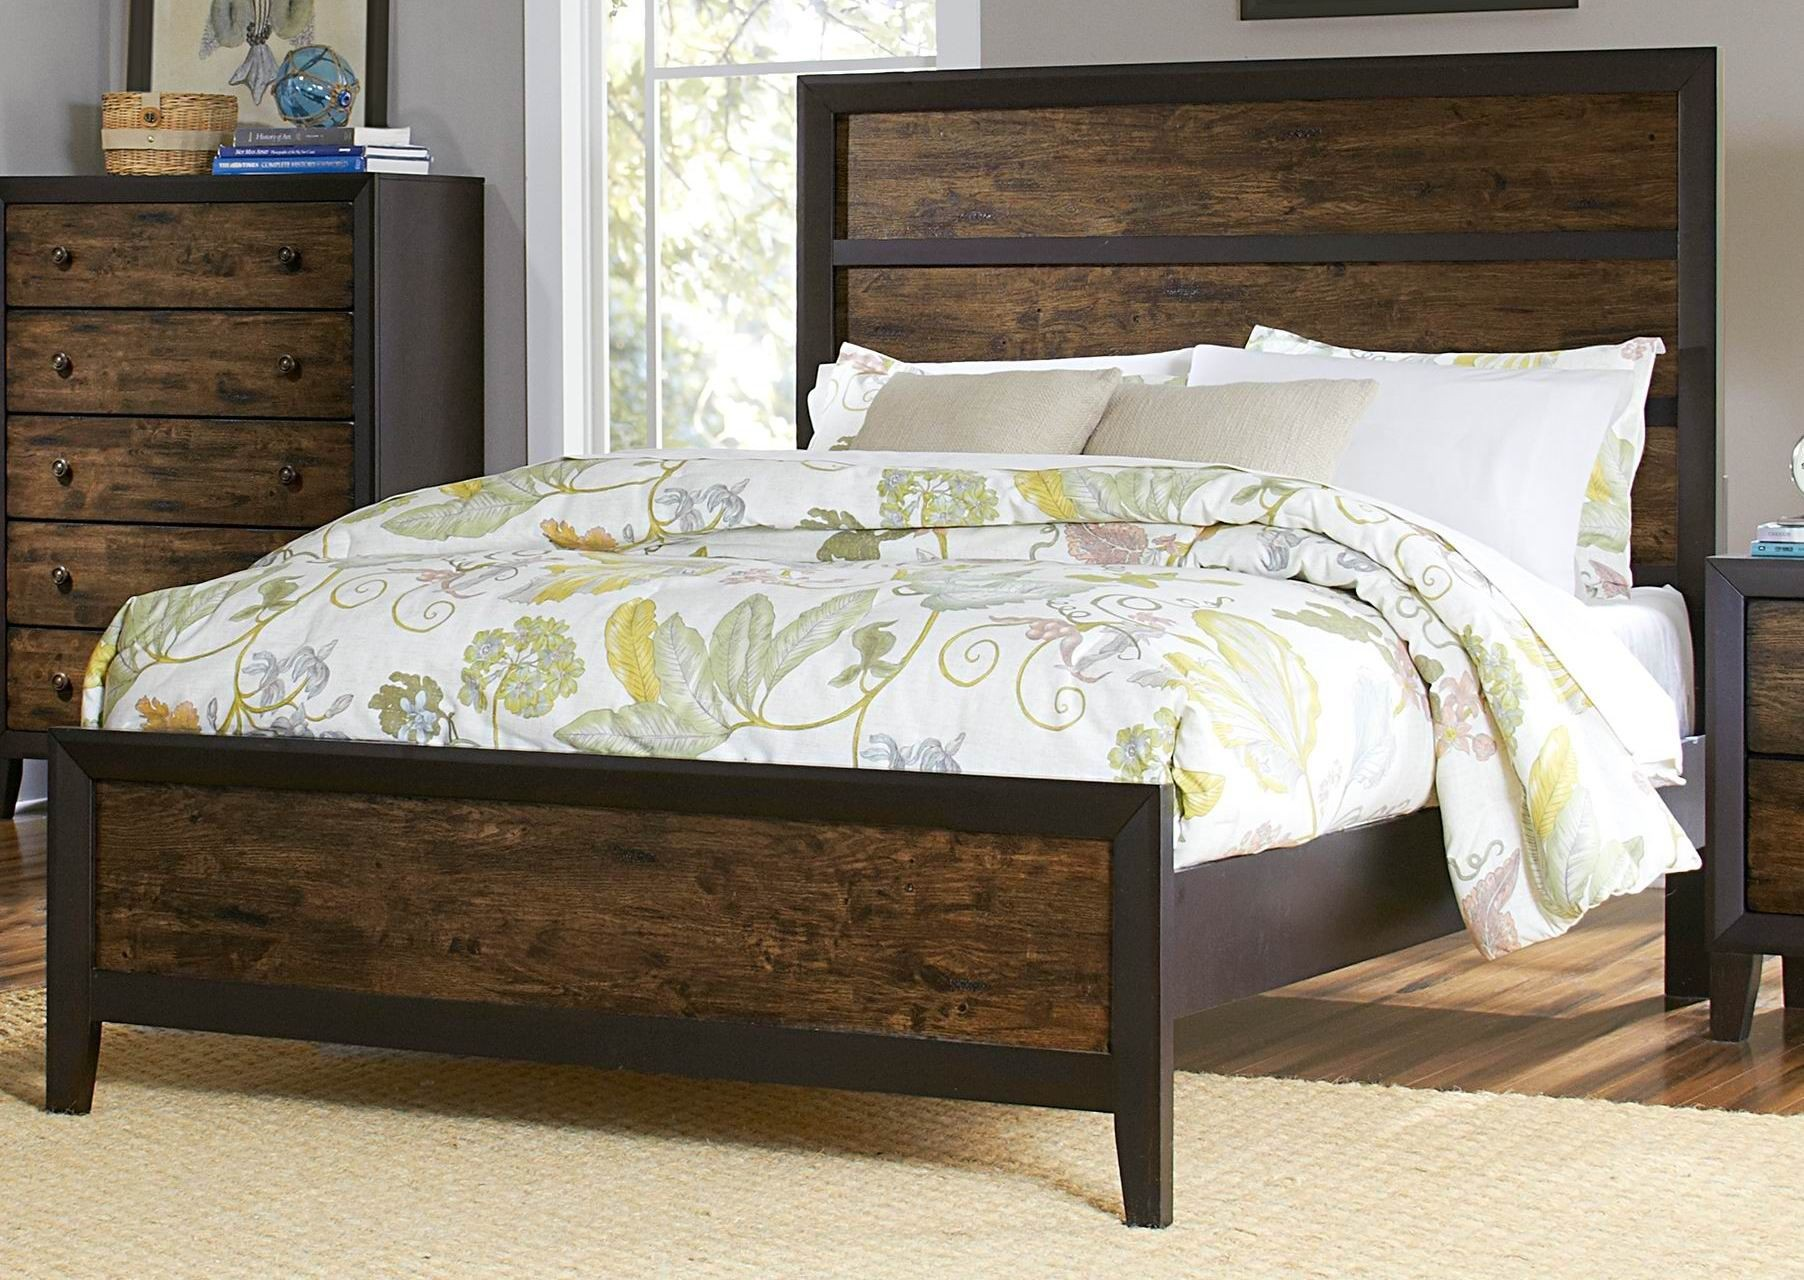 Arcola King Panel Bed From Homelegance K 1ek